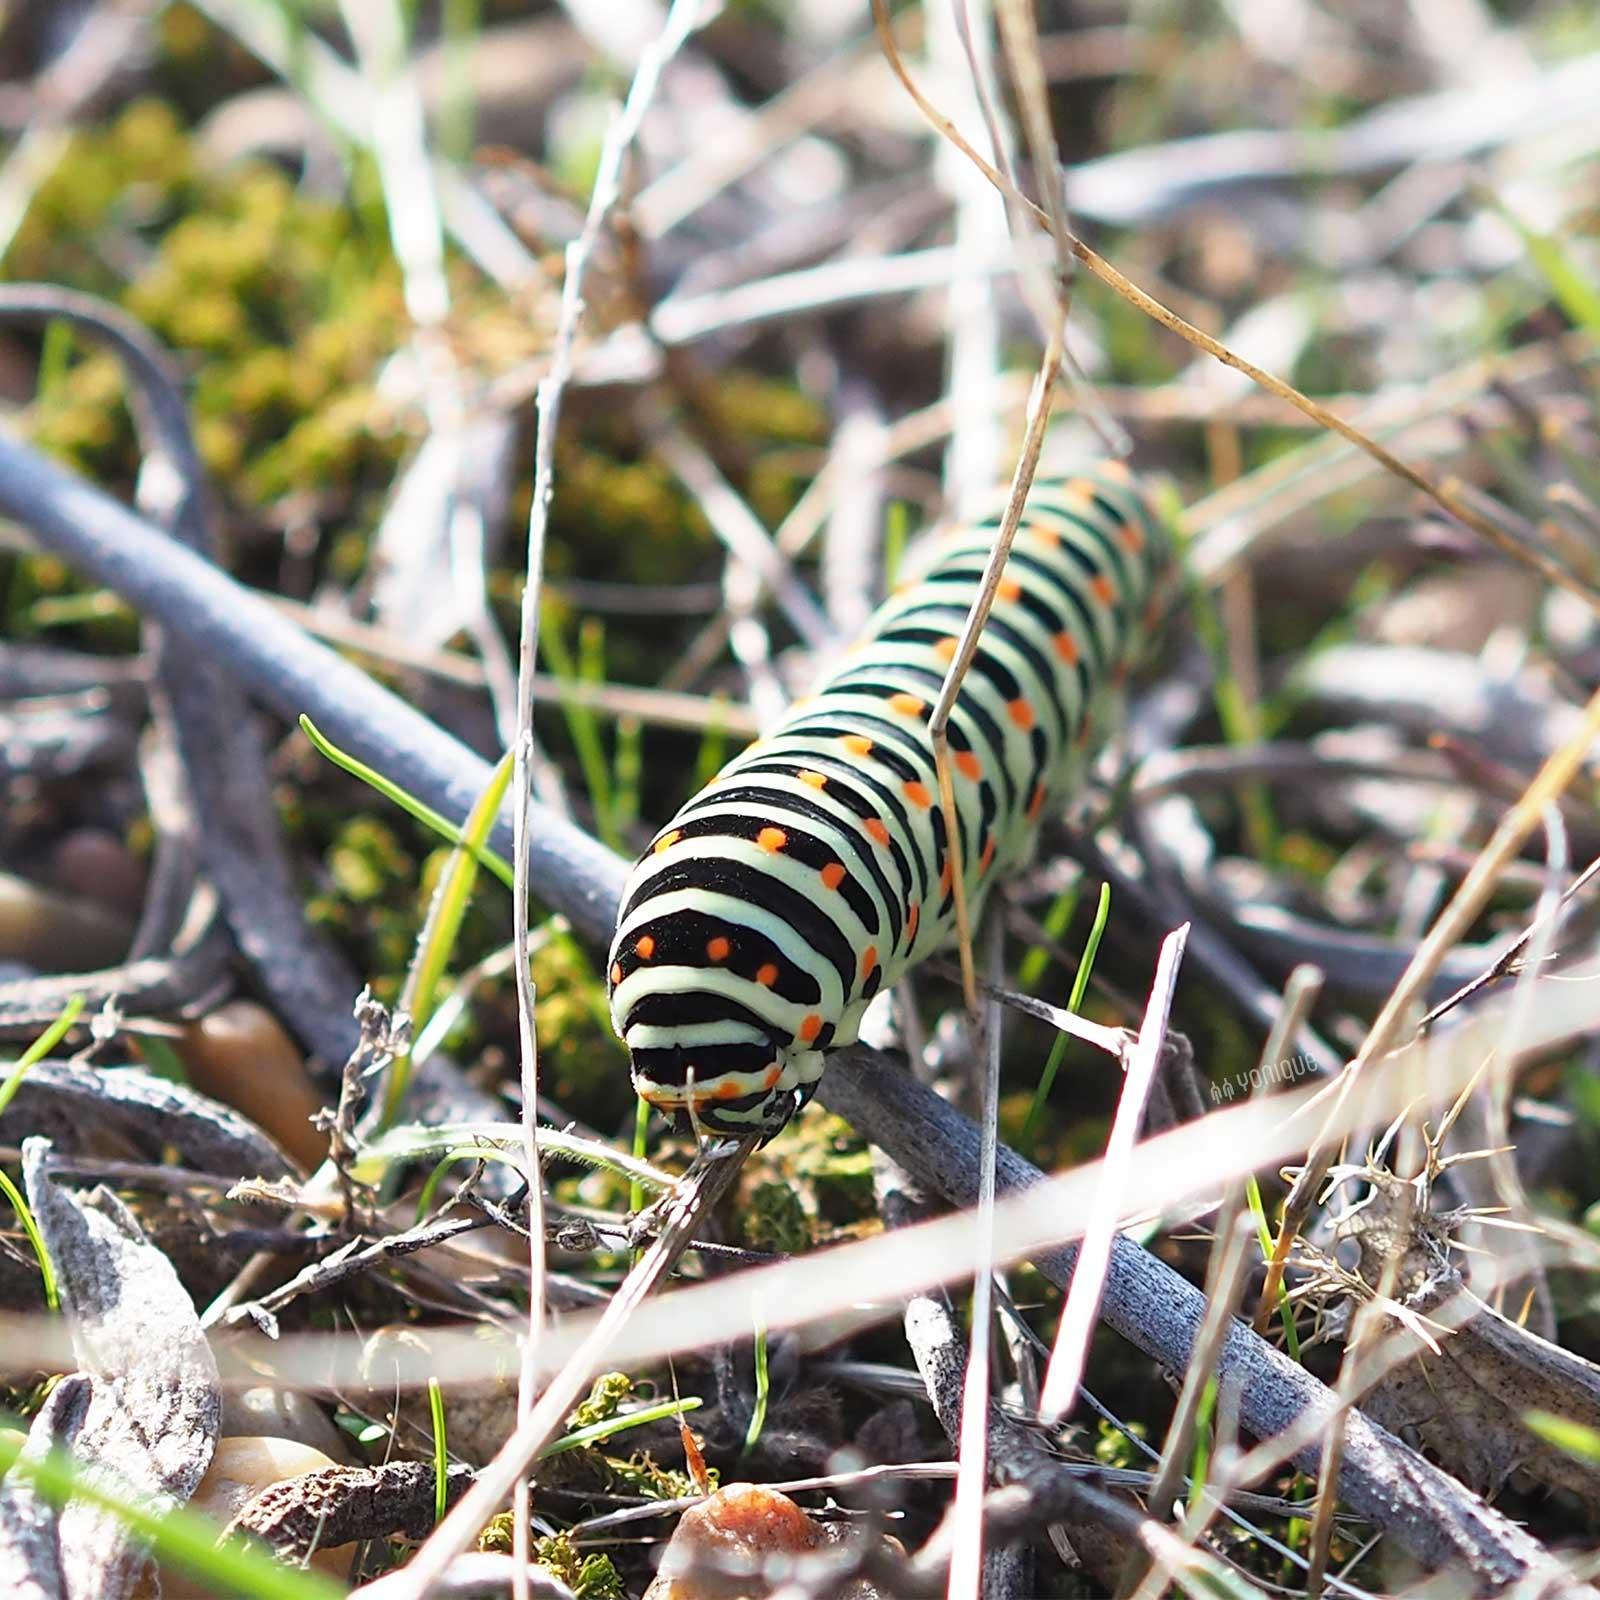 papilio-machaon-caterpillar-spain-yoniquenews-laboutiquedemelimelo